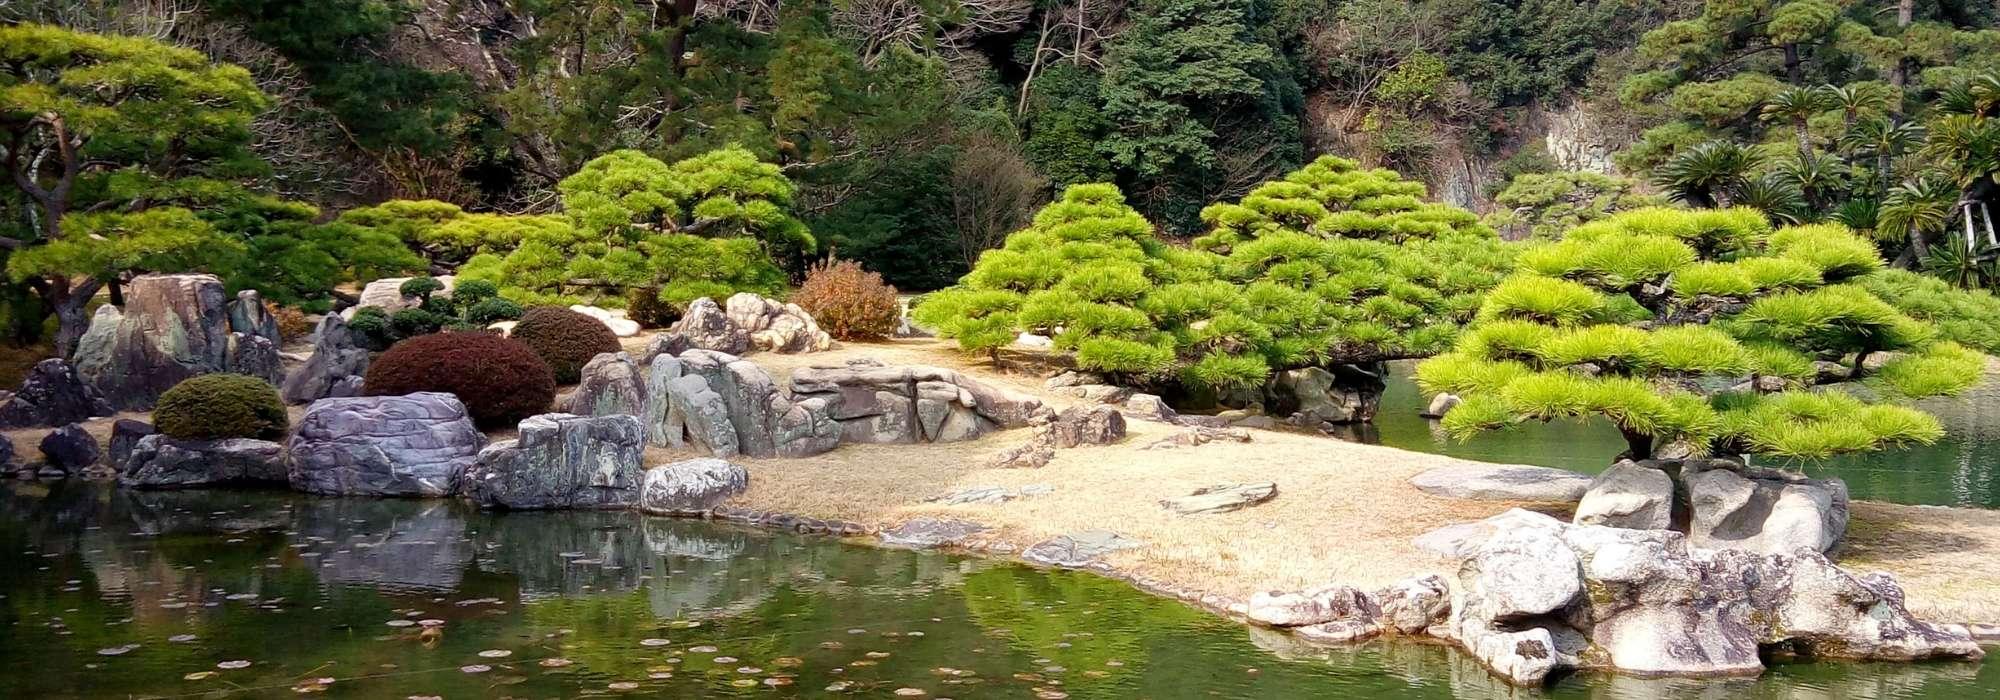 Creer Un Jardin Japonais Ou Jardin Zen Blog Promesse De Fleurs